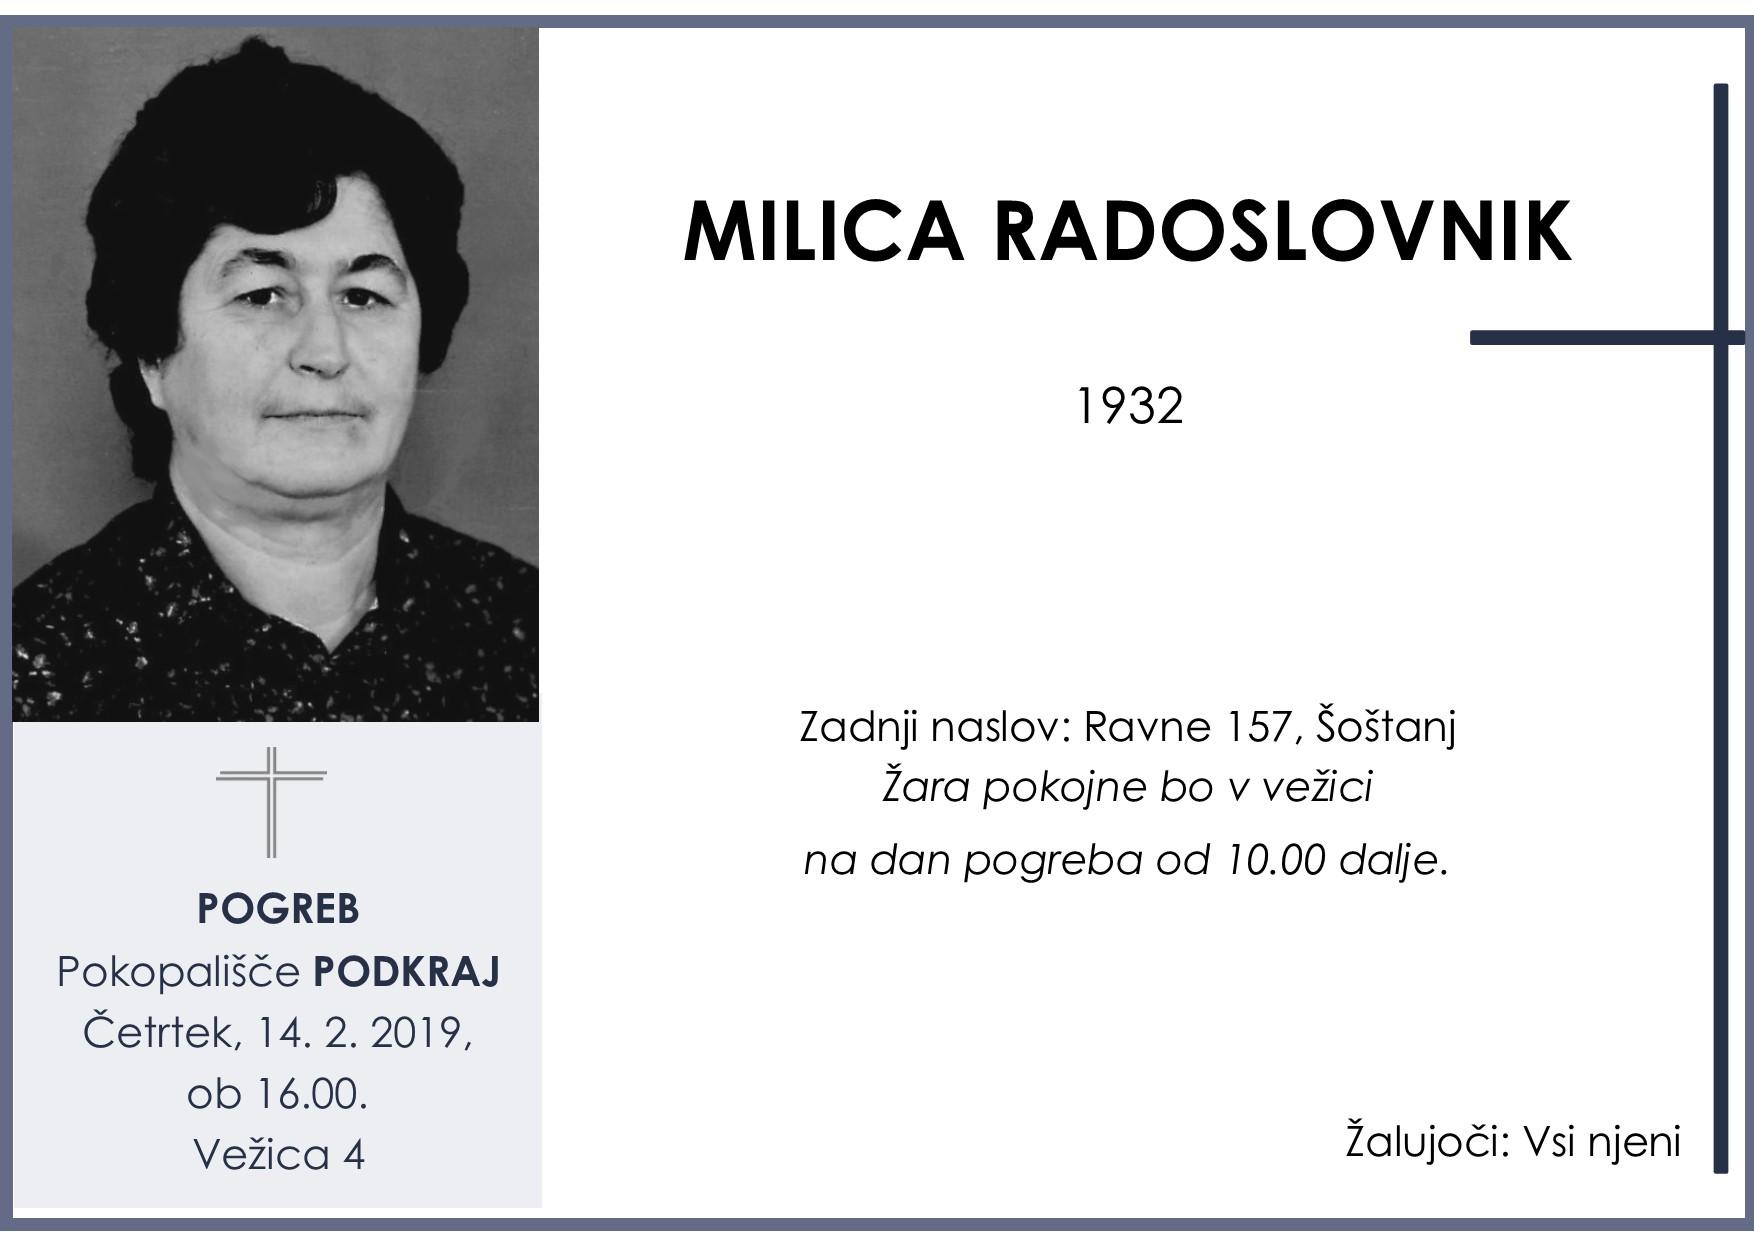 MILICA RADOSLOVNIK, Podkraj, 14. 02. 2019